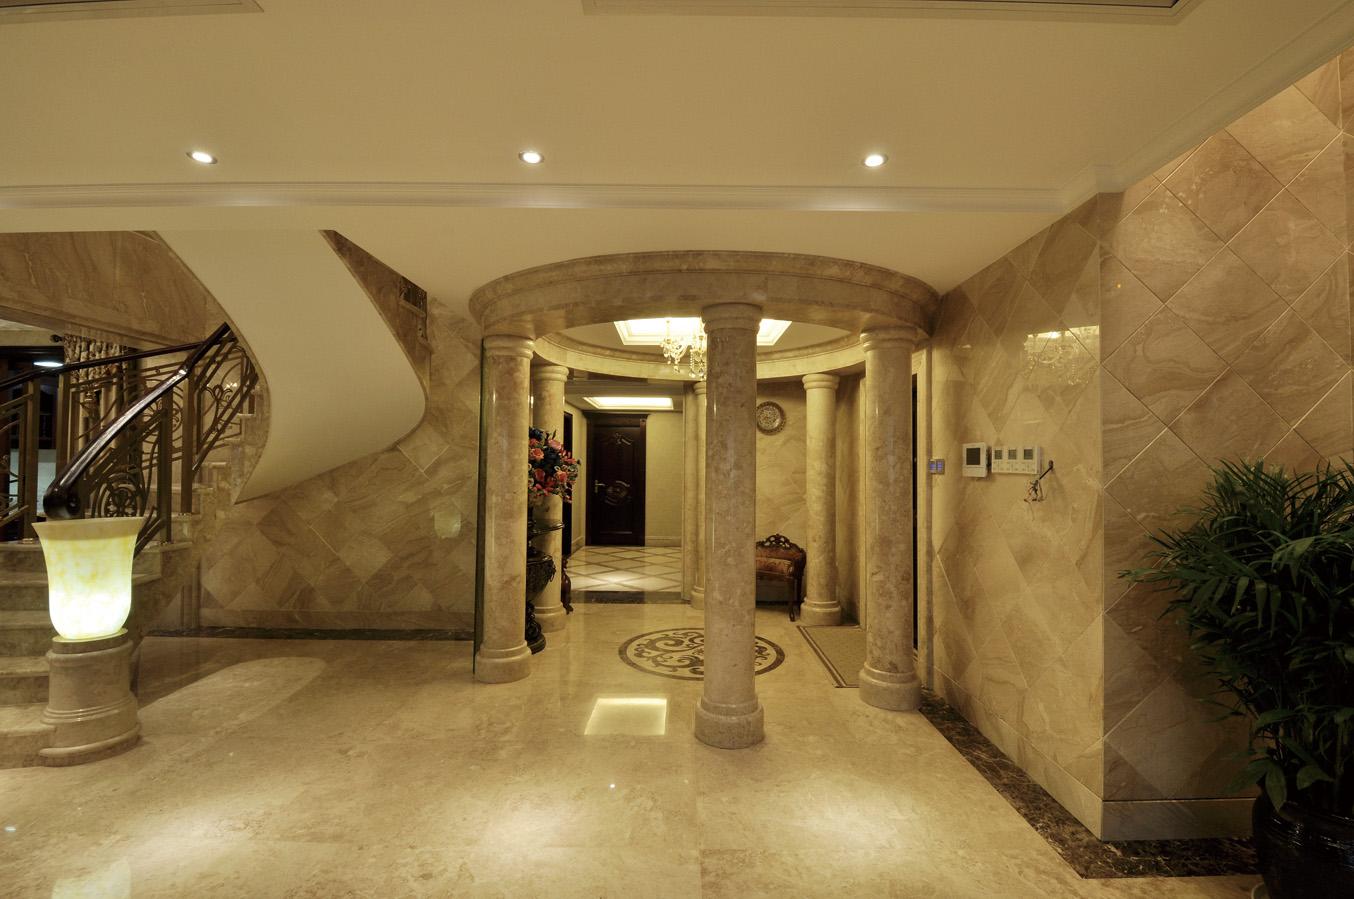 欧式古典家居风格室内过道装修图片